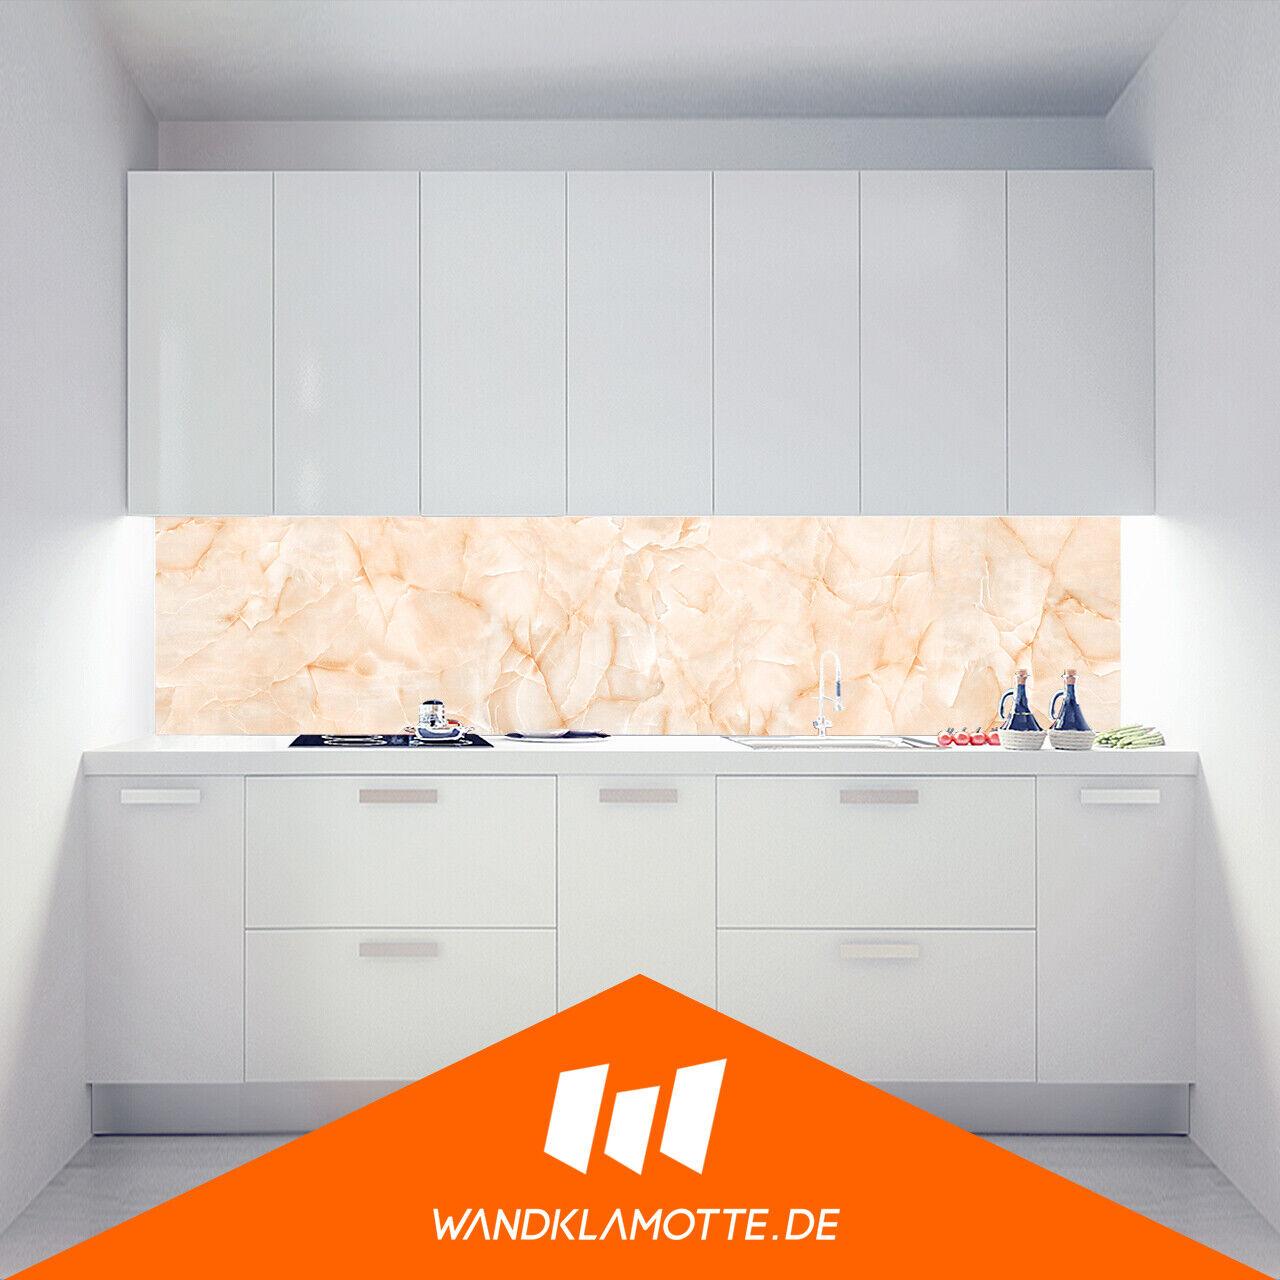 Cuisine Mur Arrière Acrylique Verre Cuisinière anti-projections Peach marbre